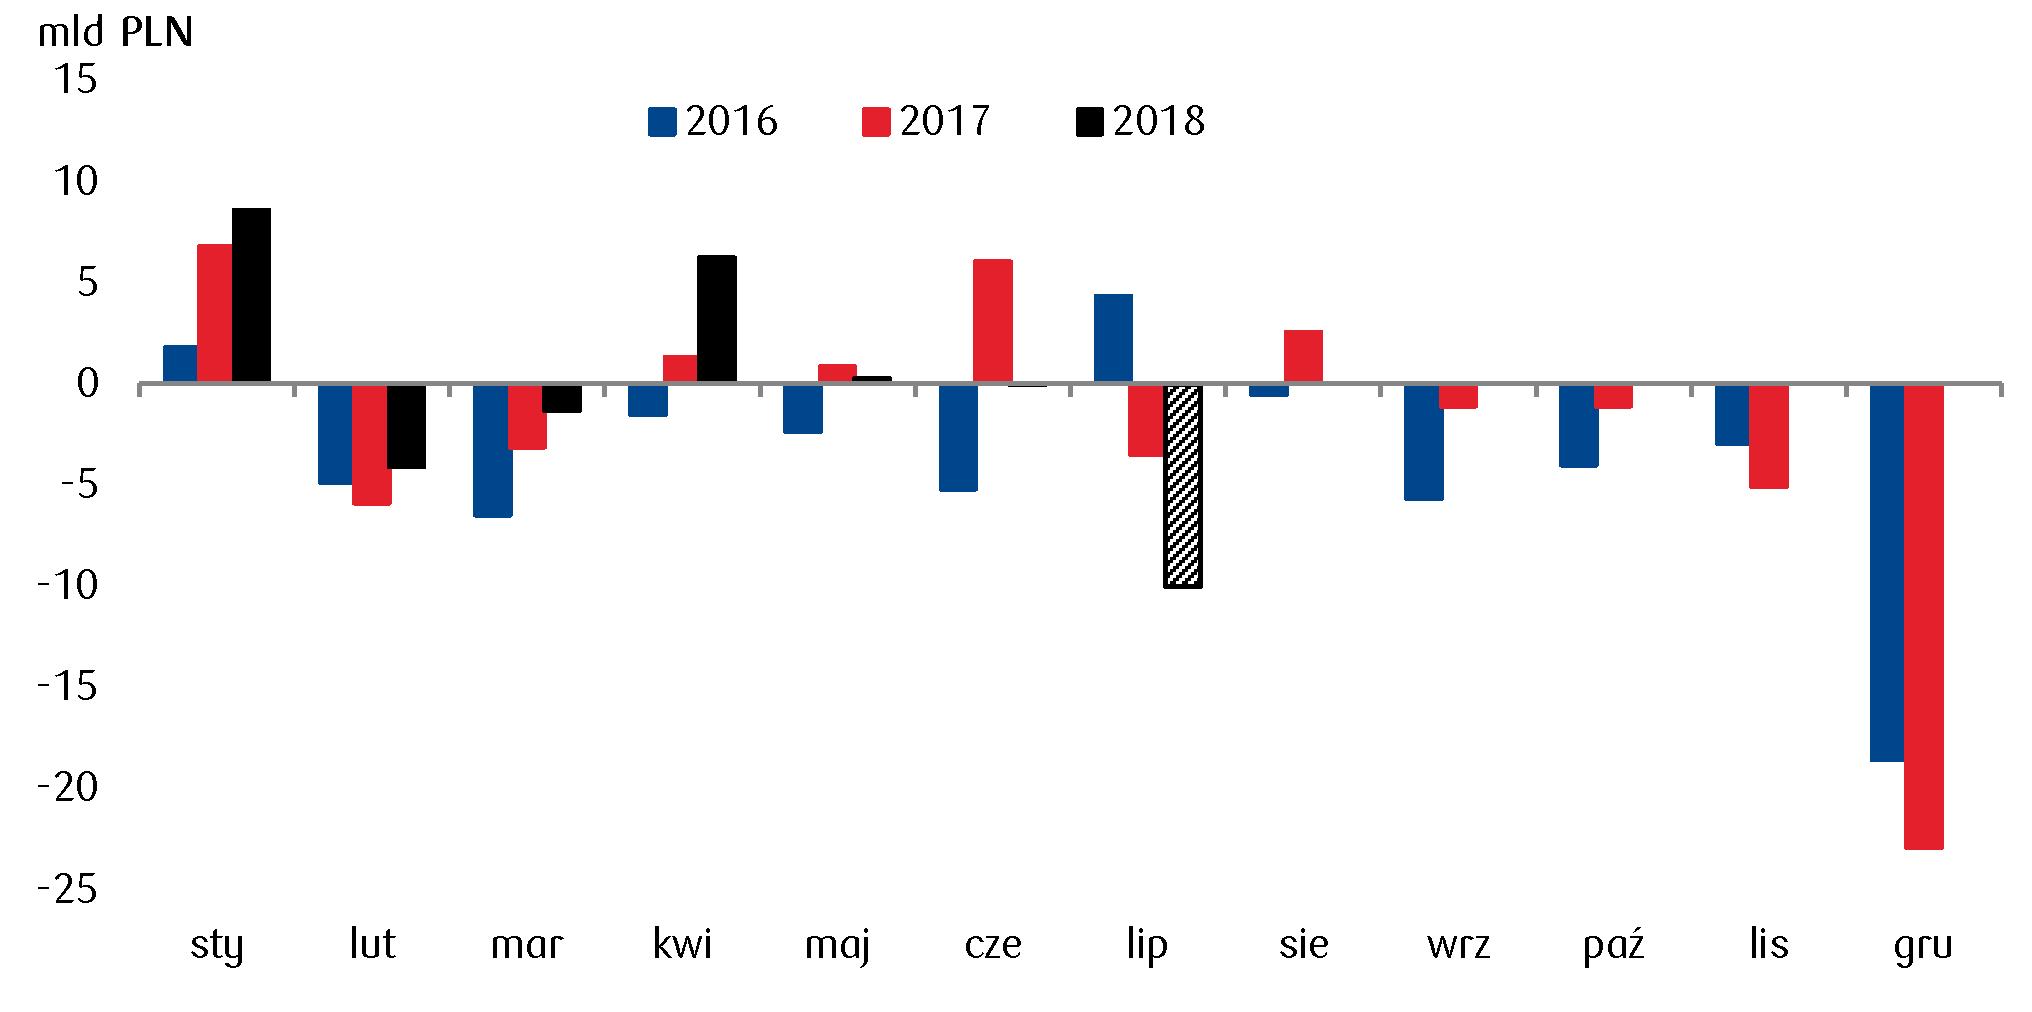 Po lipcu prawdopodobnie znikła nadwyżka w budżecie, co oznacza, że w lipcu mógł pojawić się deficyt w wysokości około 10mld PLN